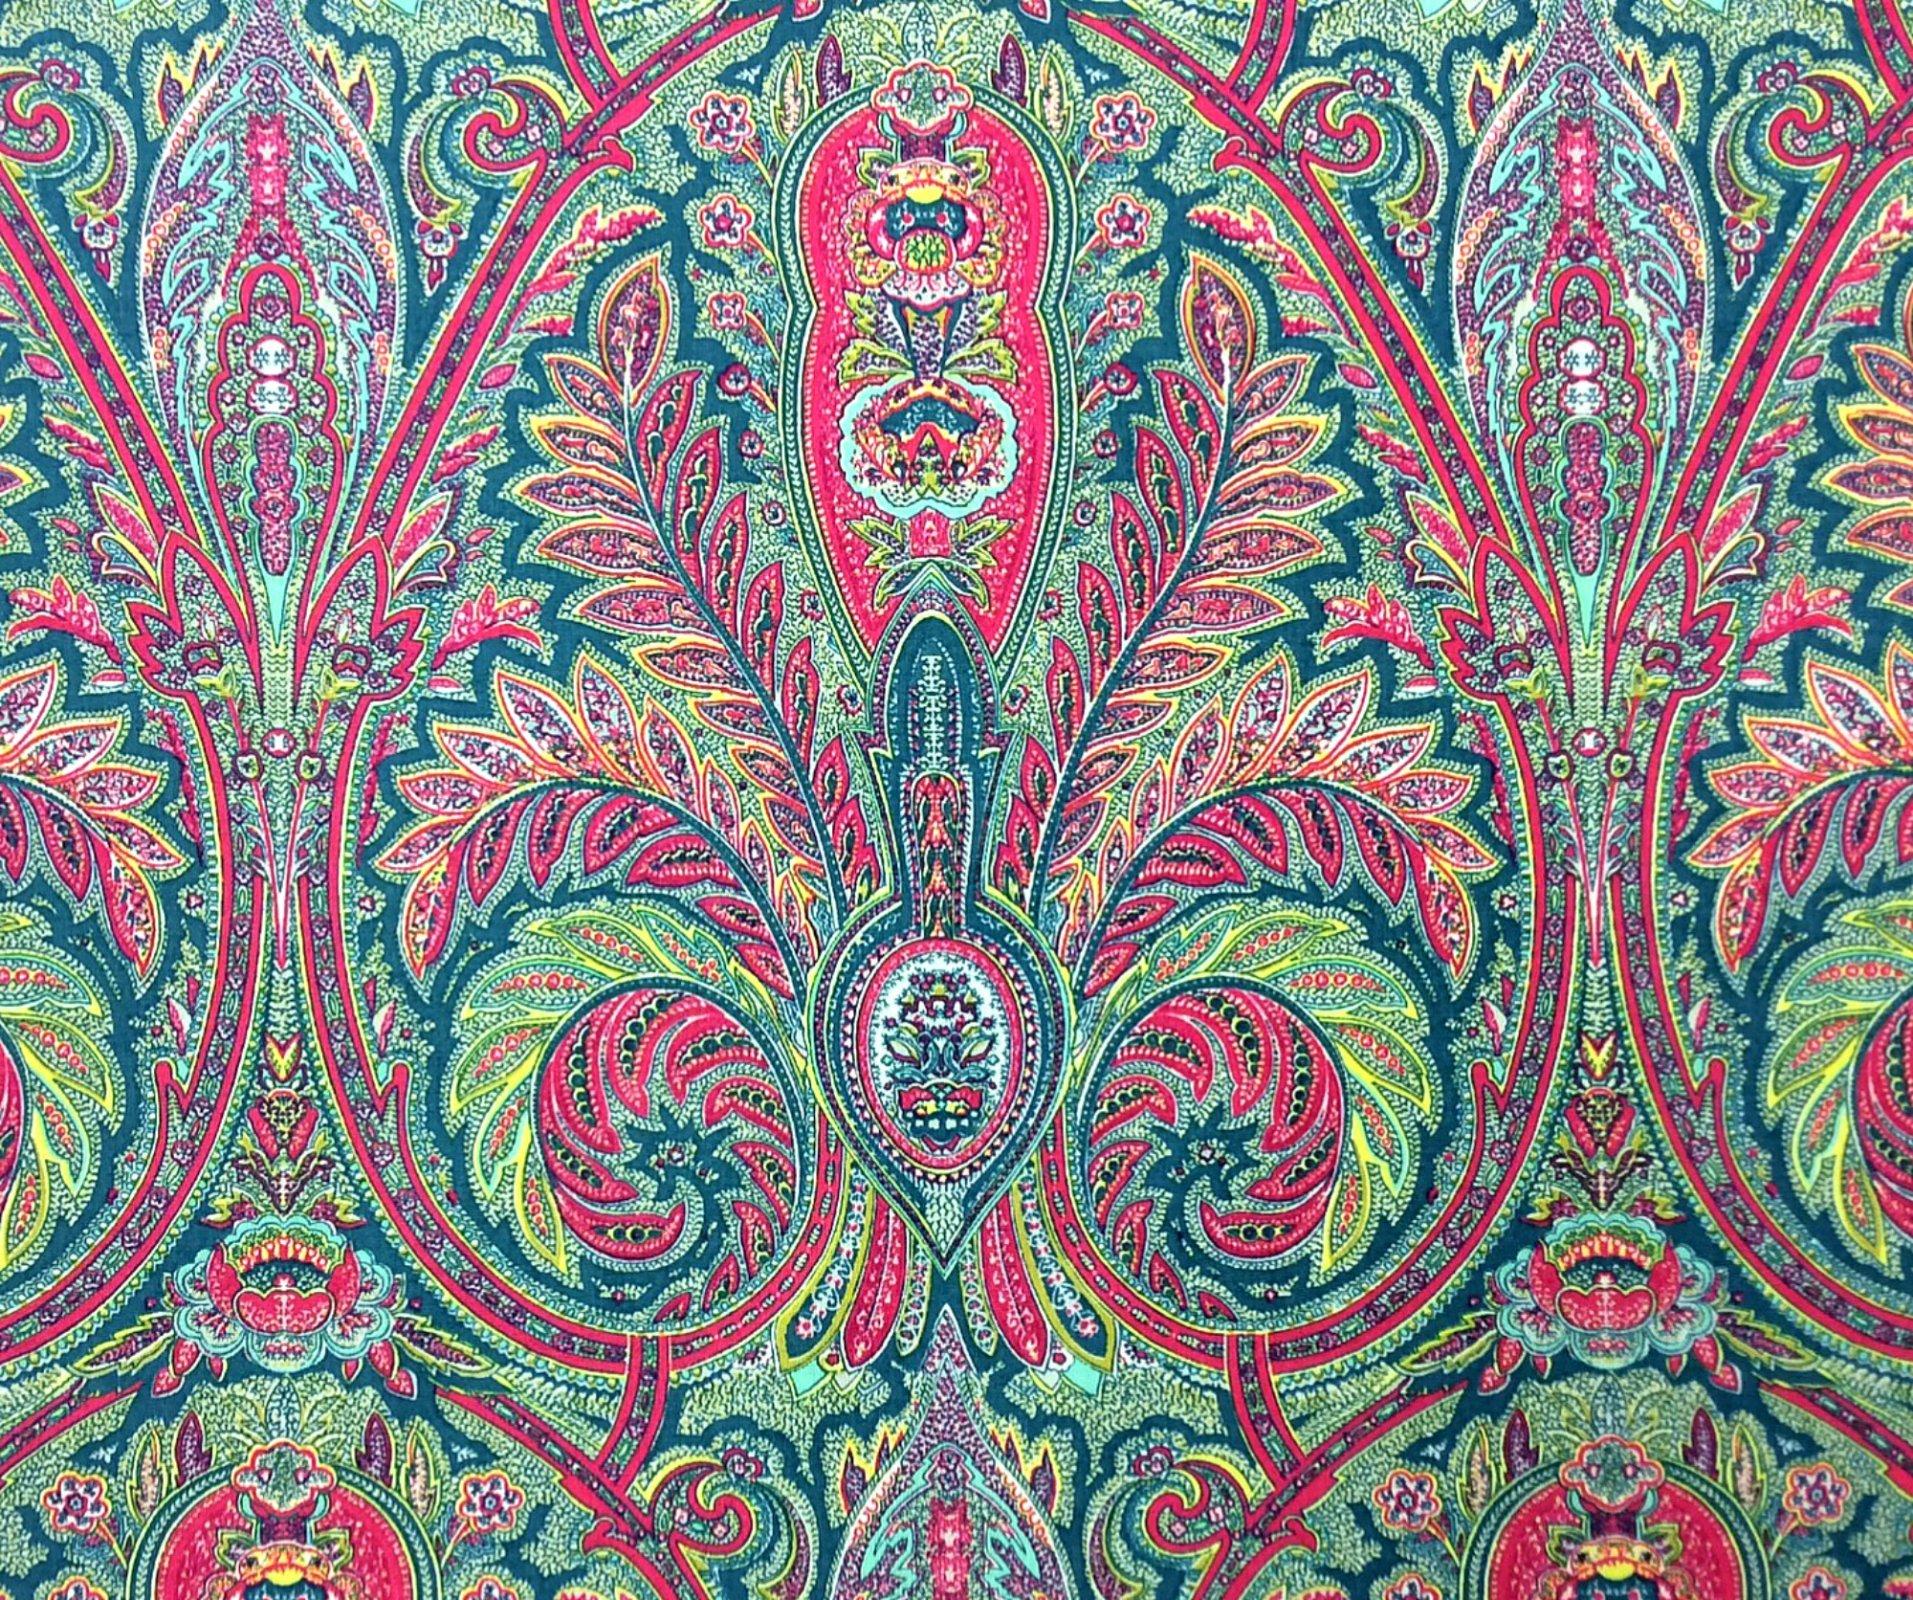 Provence France Valdrome Floral Cotton Home Dec Fabric ST13